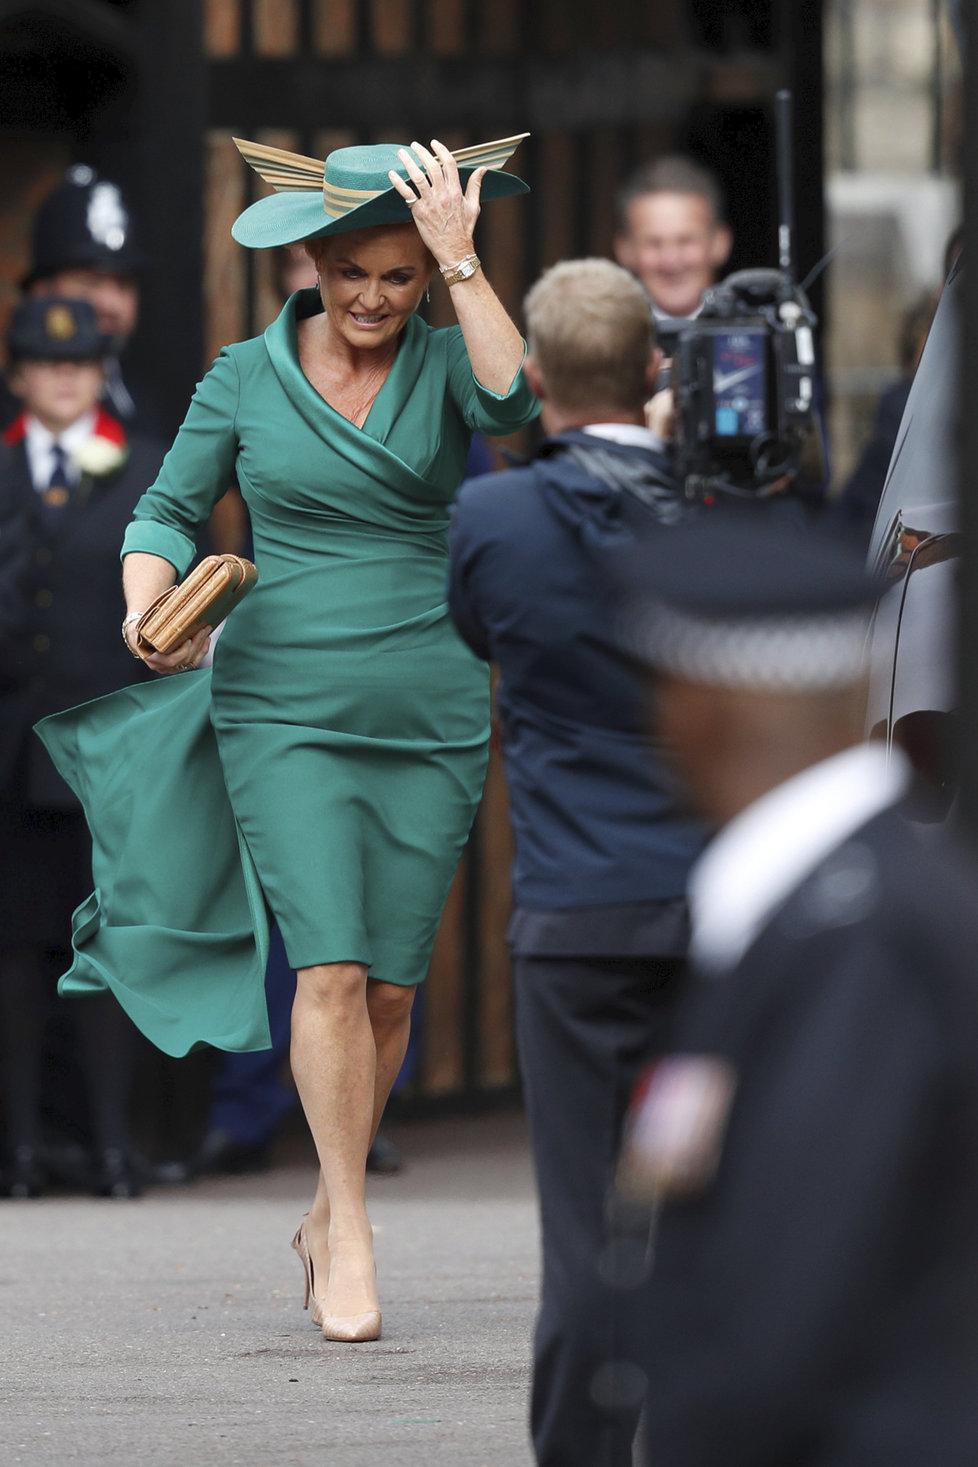 Matka nevěsty Sarah - Vévodkyně z Yorku